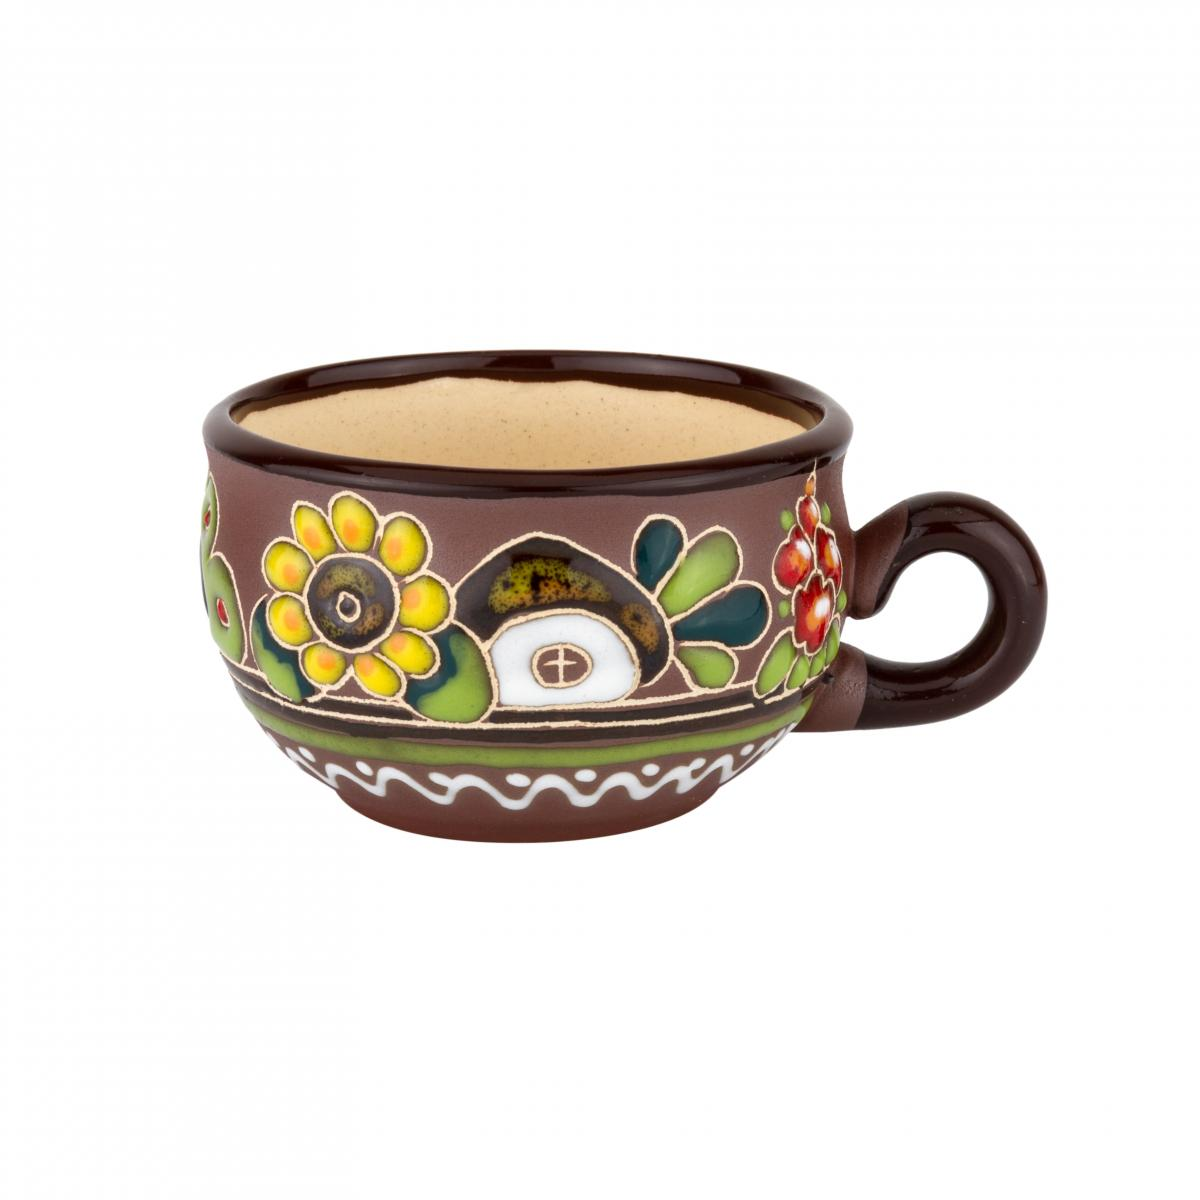 Чашка кофейная с подсолнухом – 120 мл. Фото №1. | Народный дом Украина